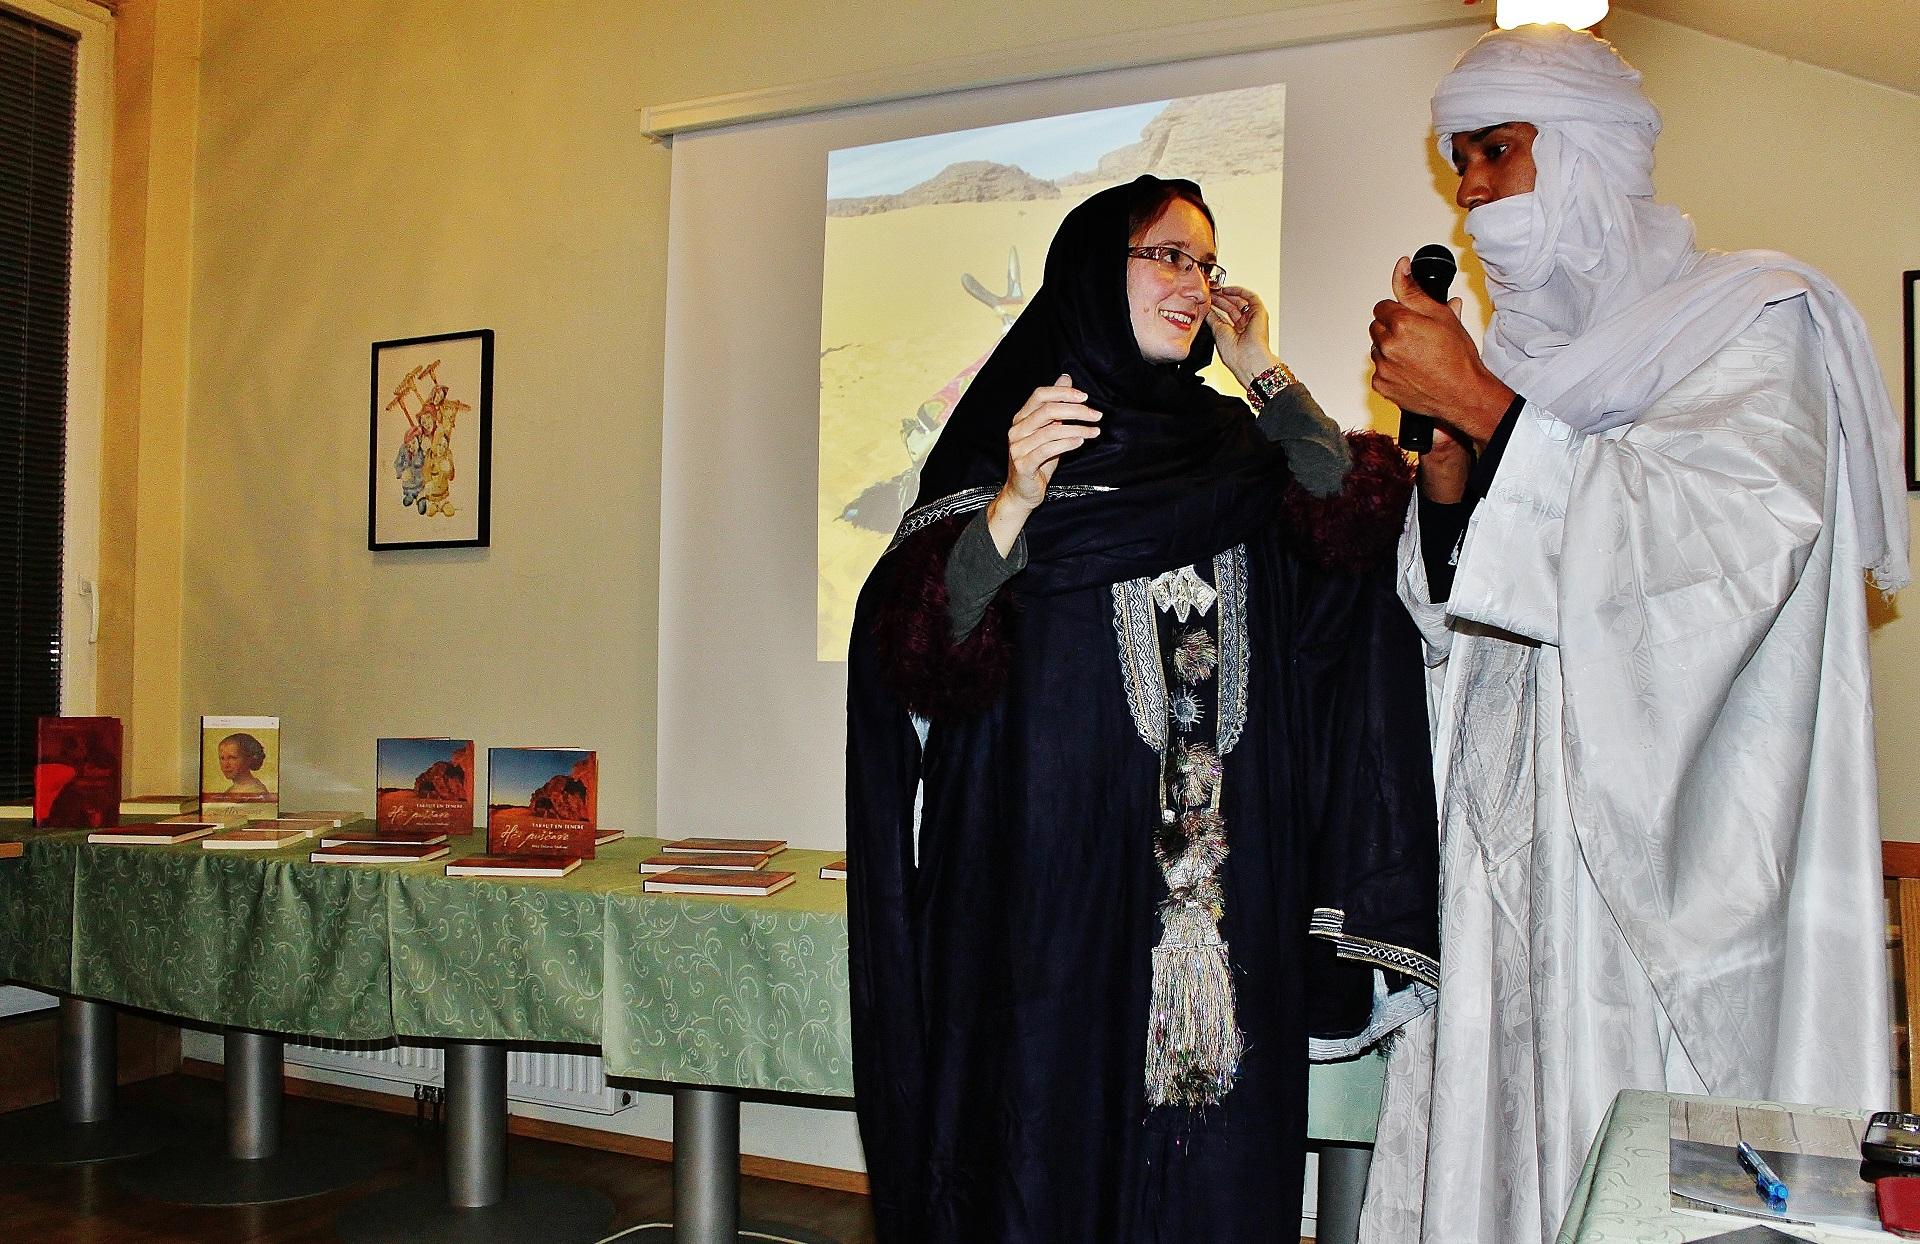 Mira v pogovoru z Abdelom. V ozadju knjige o Tuaregih in prvi slovenski pesnici,pisateljici in skladateljici Josipini Urbačič Turnograjski.